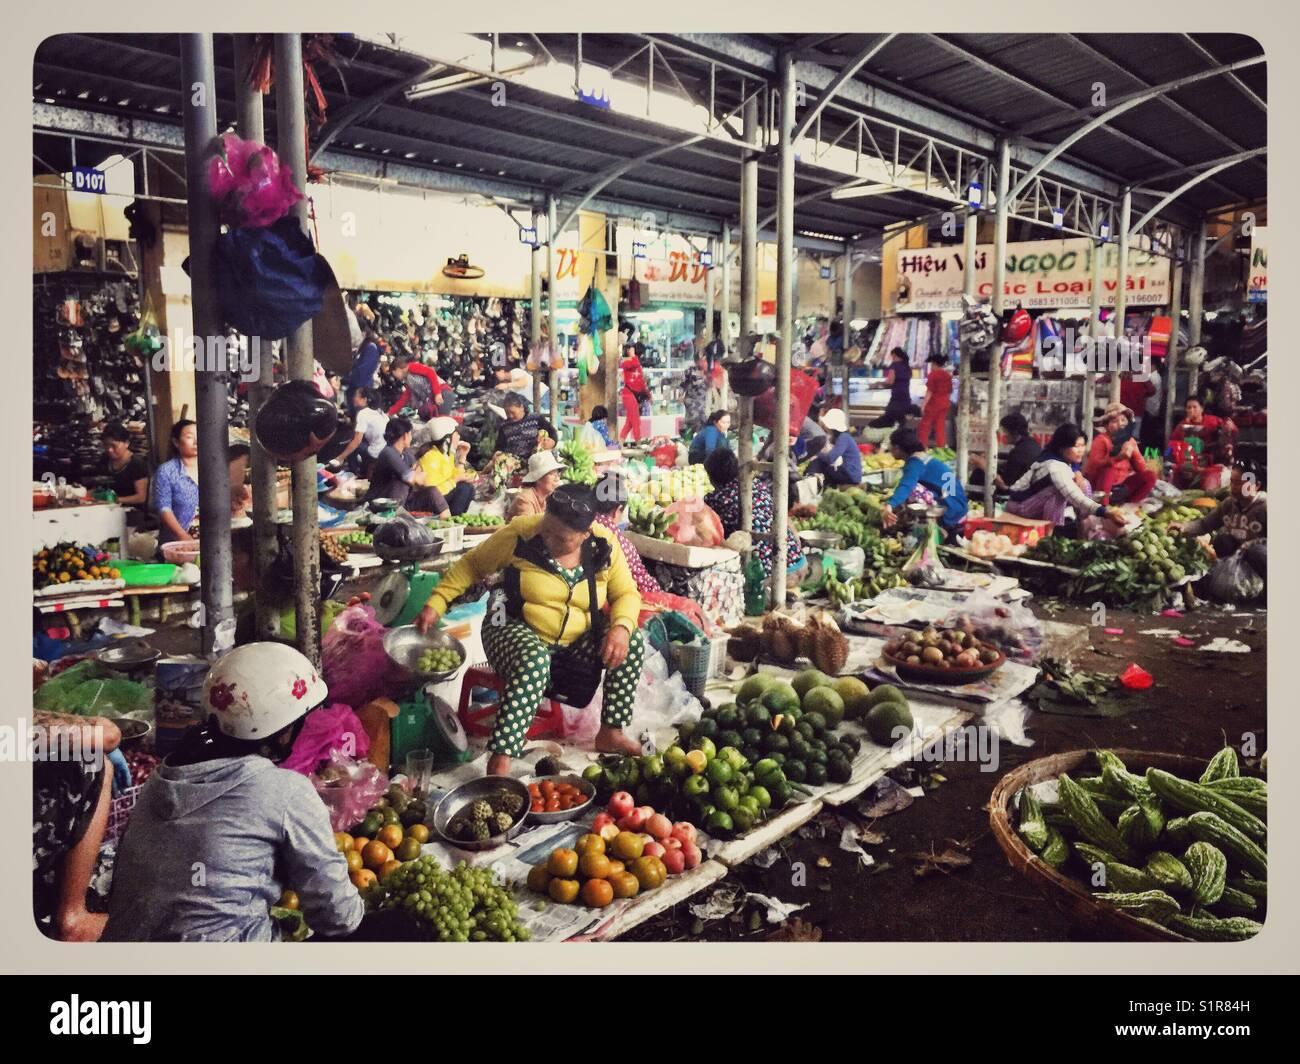 Quotidiani locali sostentamento a Nha Trang cho Xom Moi mercato. Immagini Stock